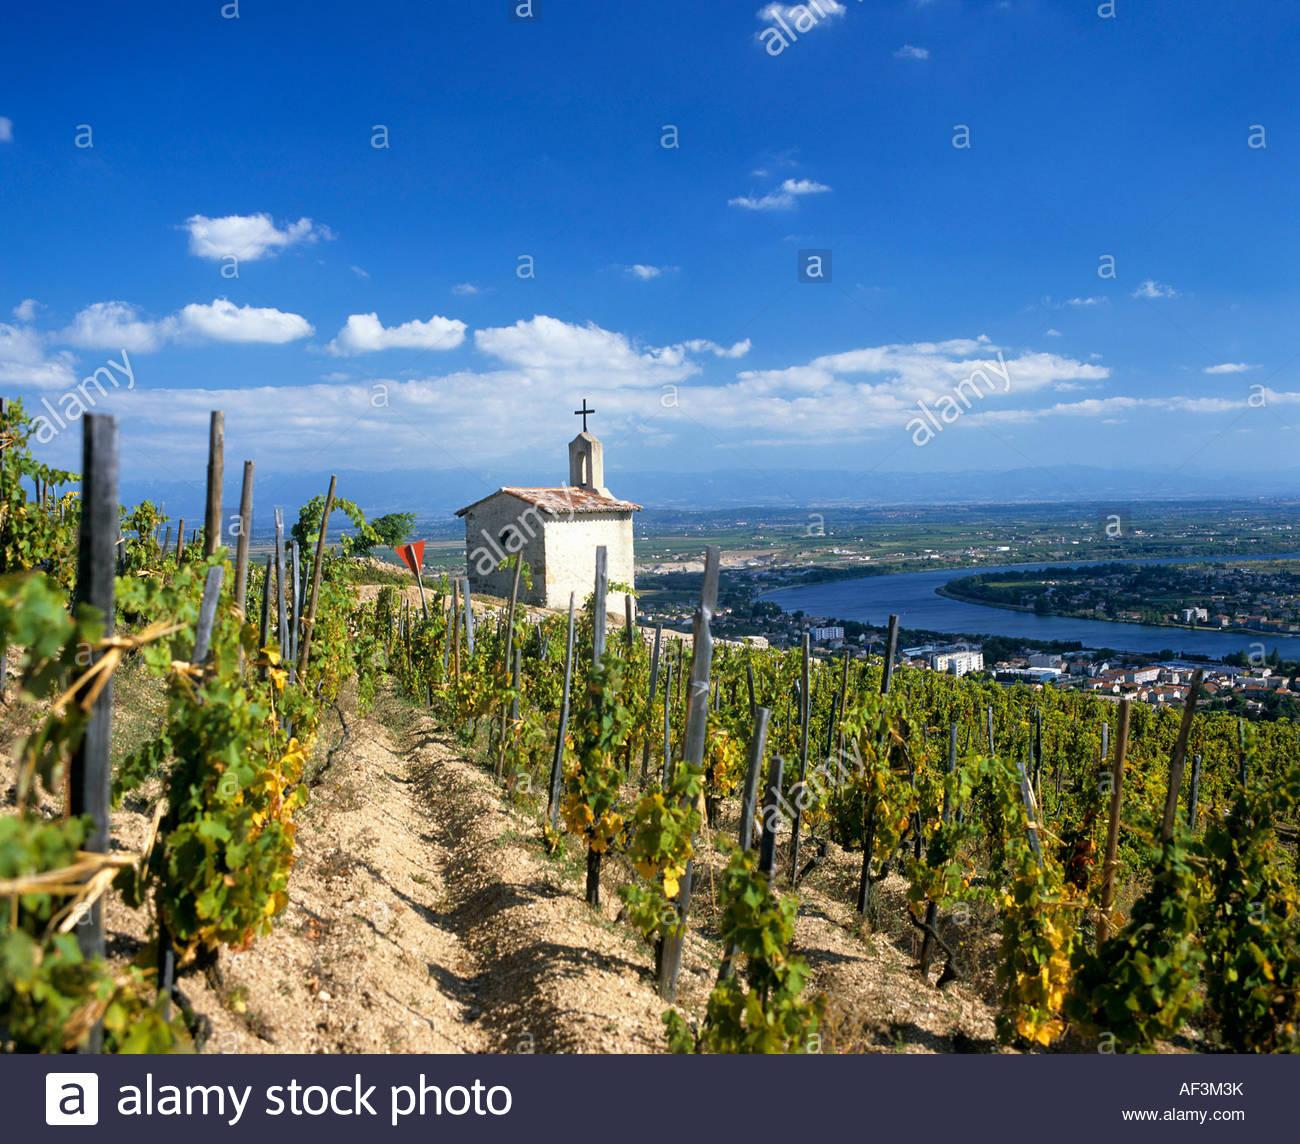 la-chapelle-vineyard-in-tain-lhermitage-